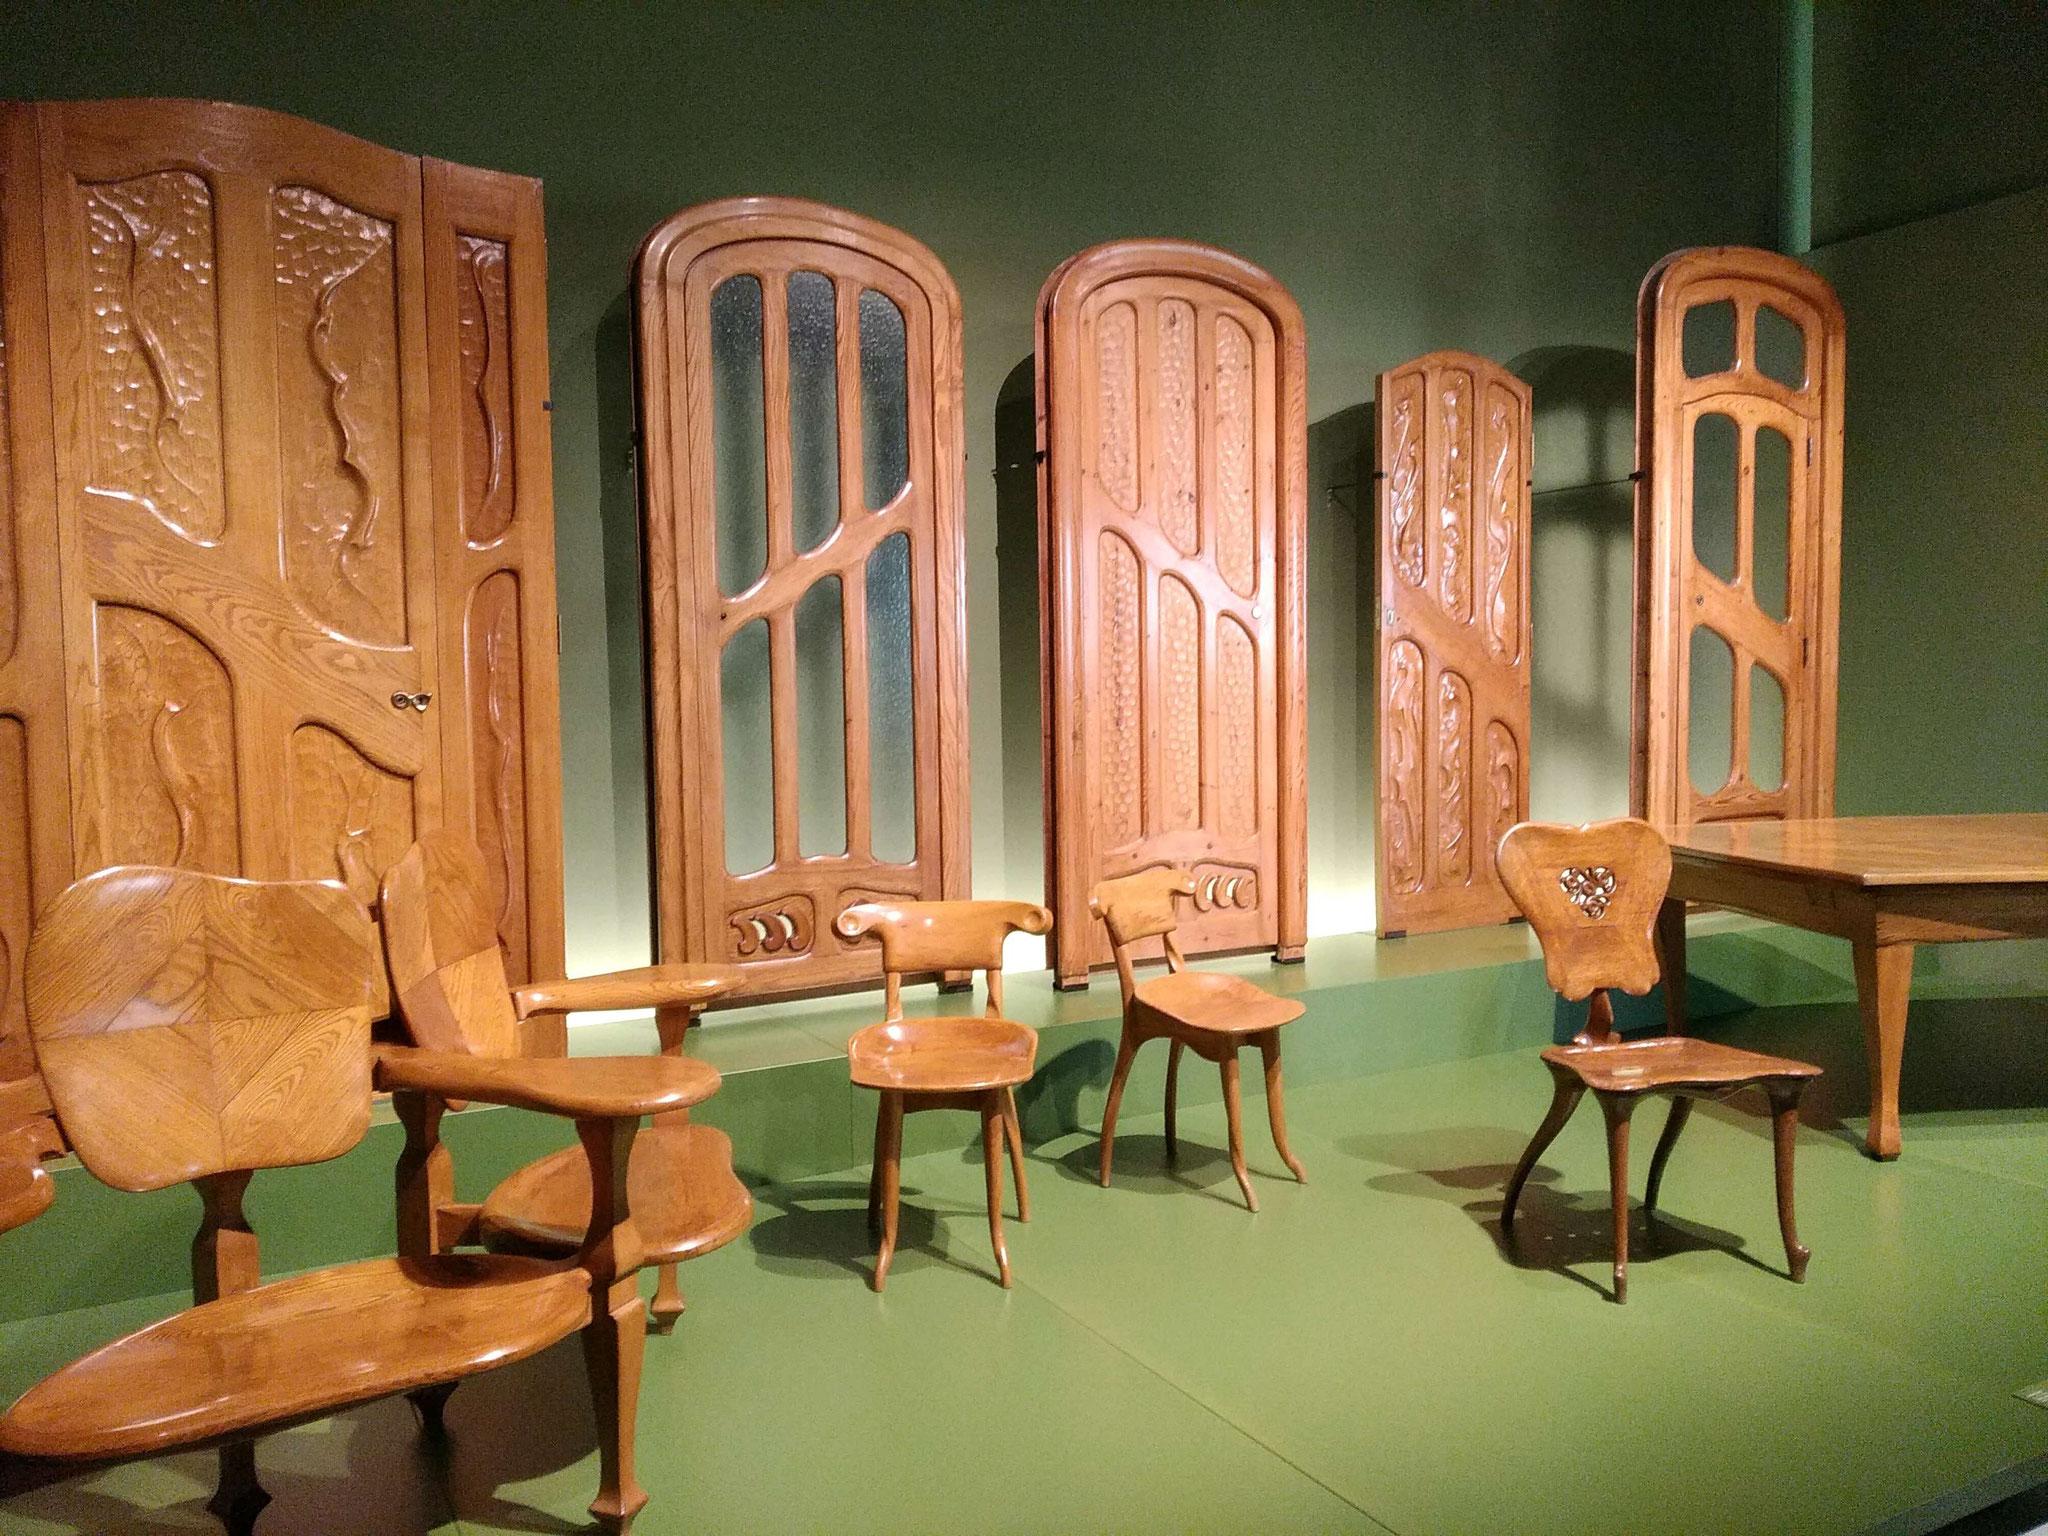 Mobiliari de Gaudí procedent de Casa Calvet i Casa Batlló